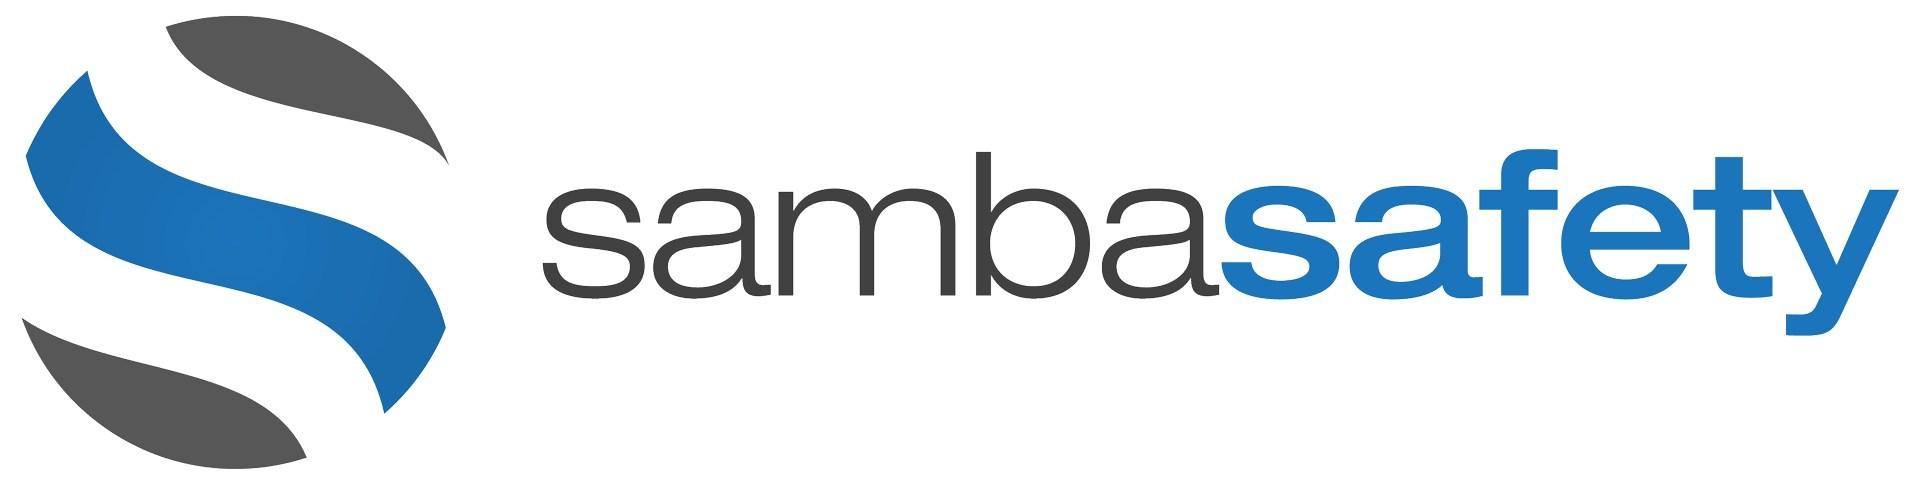 Sambasafety logo